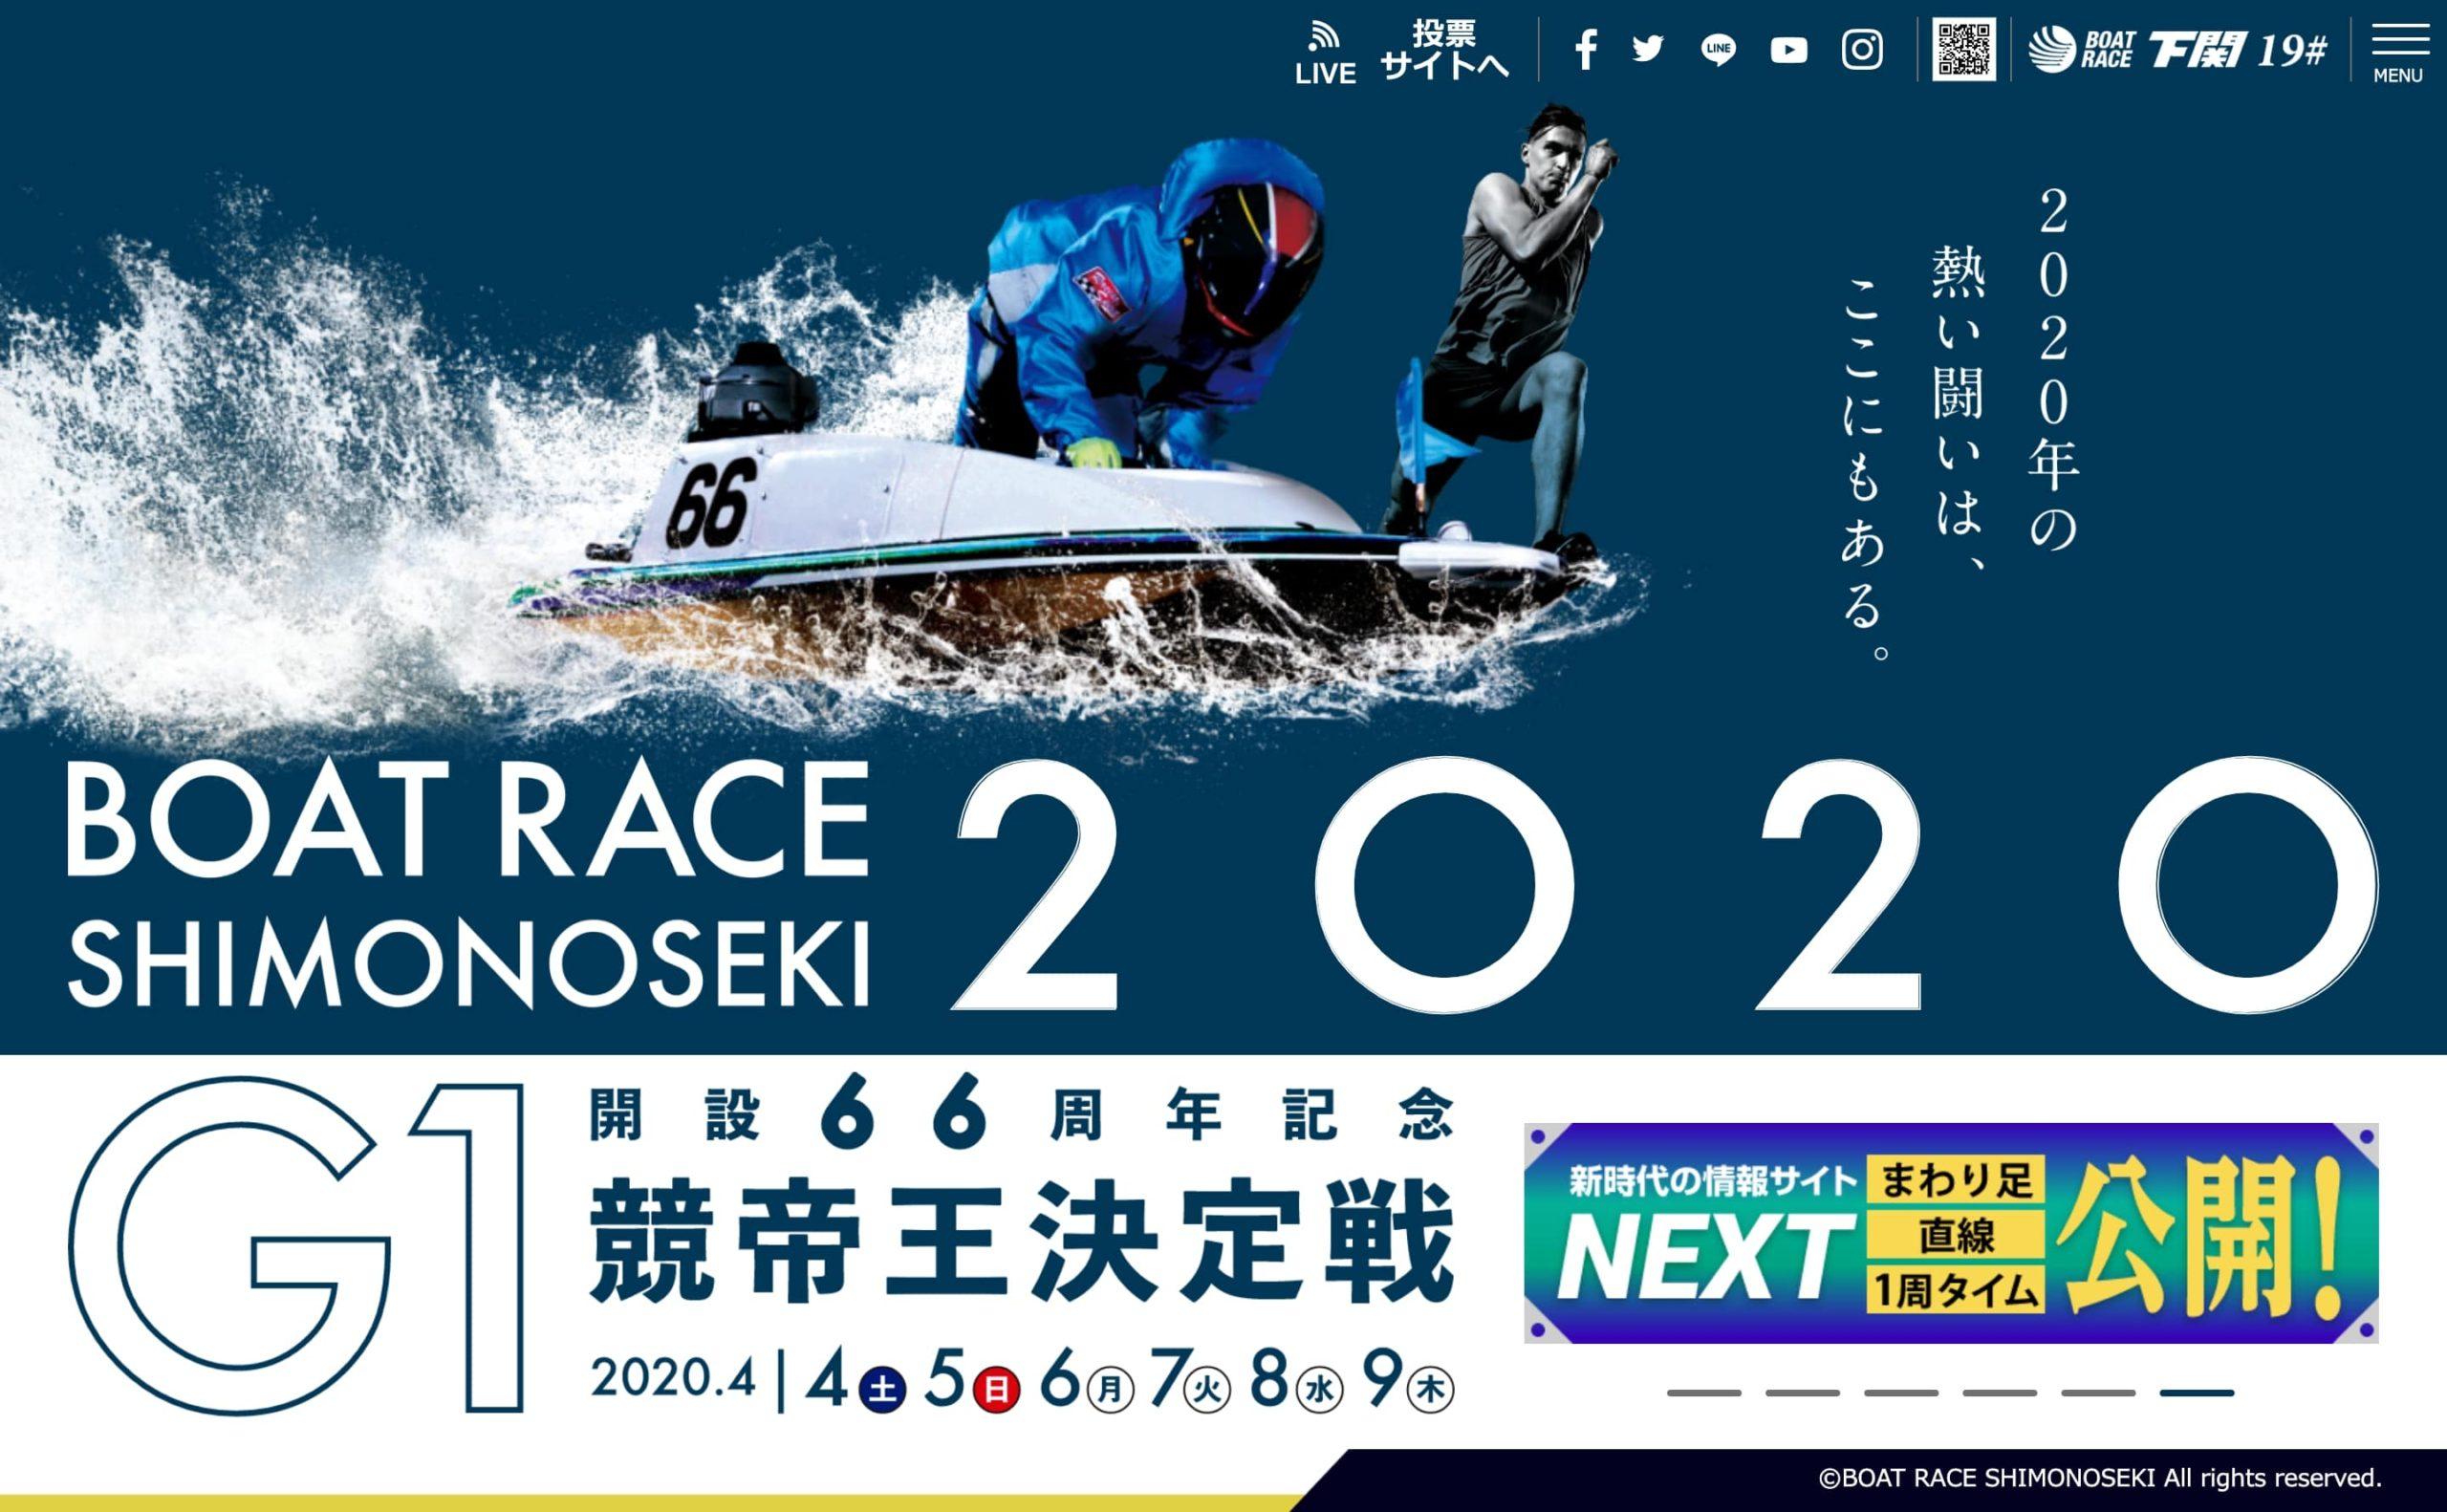 競艇王20206